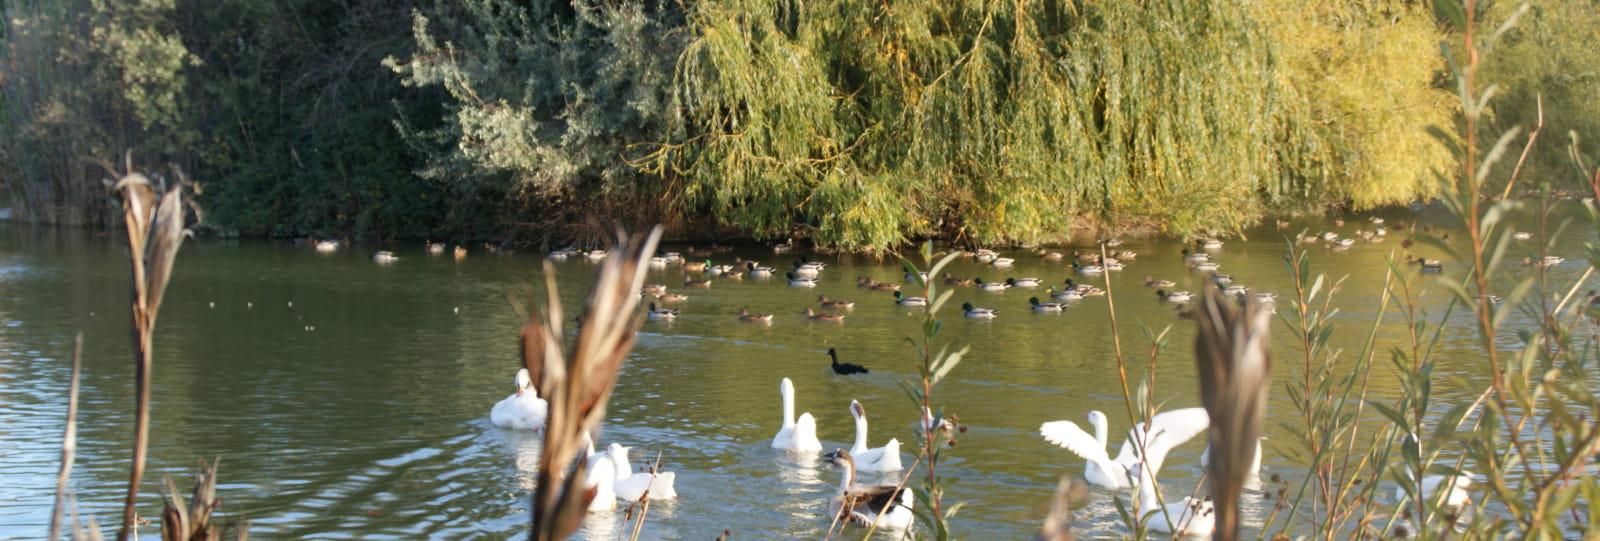 Parc animalier du Domaine de la Treille